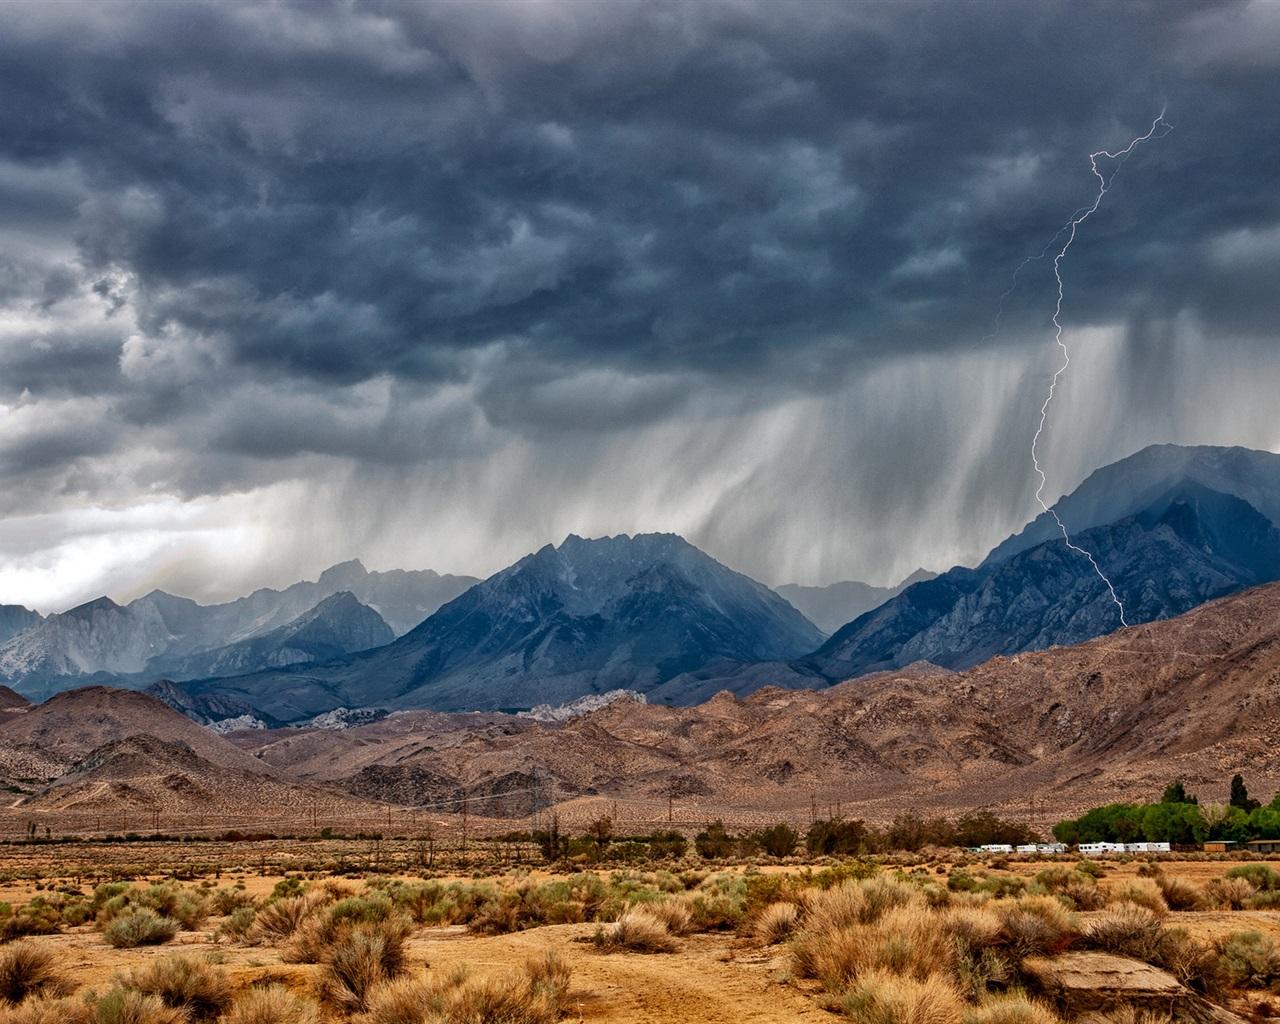 イースタン·シエラ、ネバダ、山、砂漠、雷 壁紙 - 1280x1024   イースタン·シエラ、